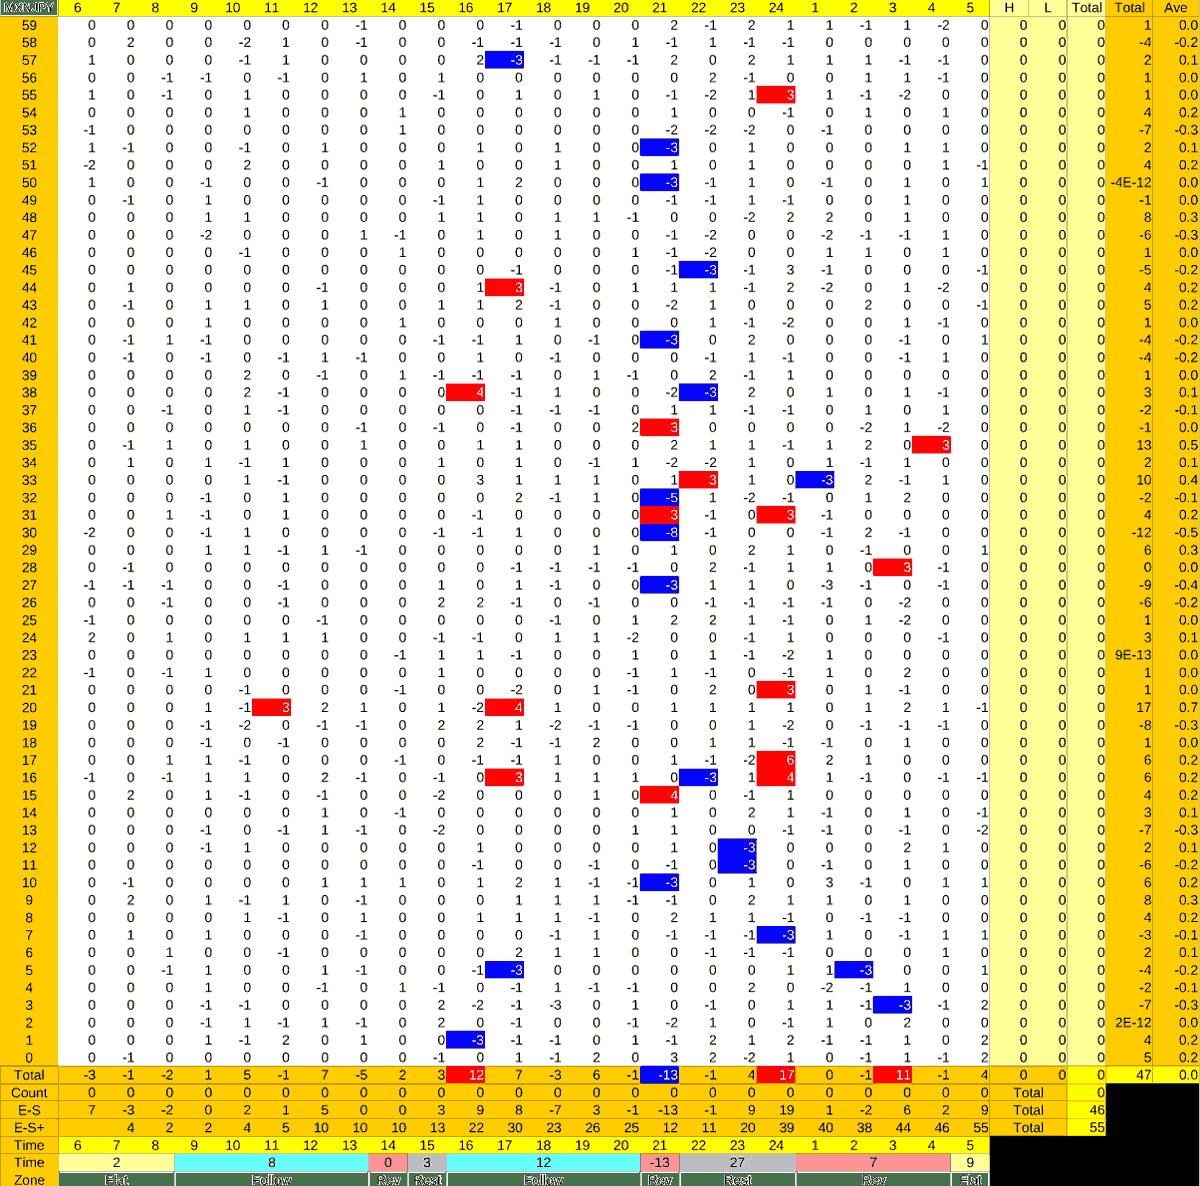 20211013_HS(3)MXNJPY-min